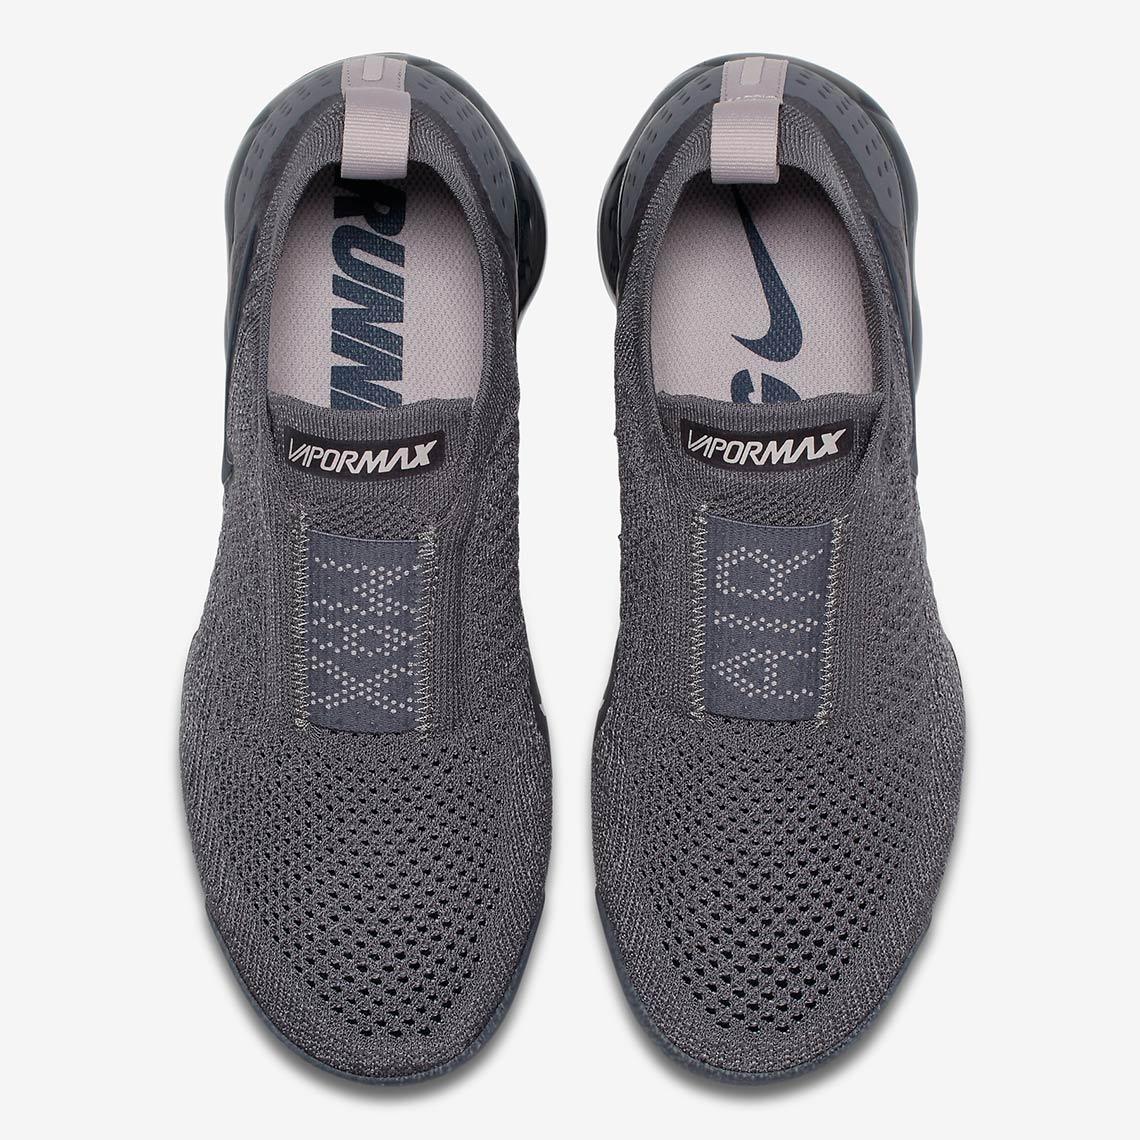 7c7b98a83481b Nike Vapormax Moc 2 Gunsmoke AJ6599-003 Release Info